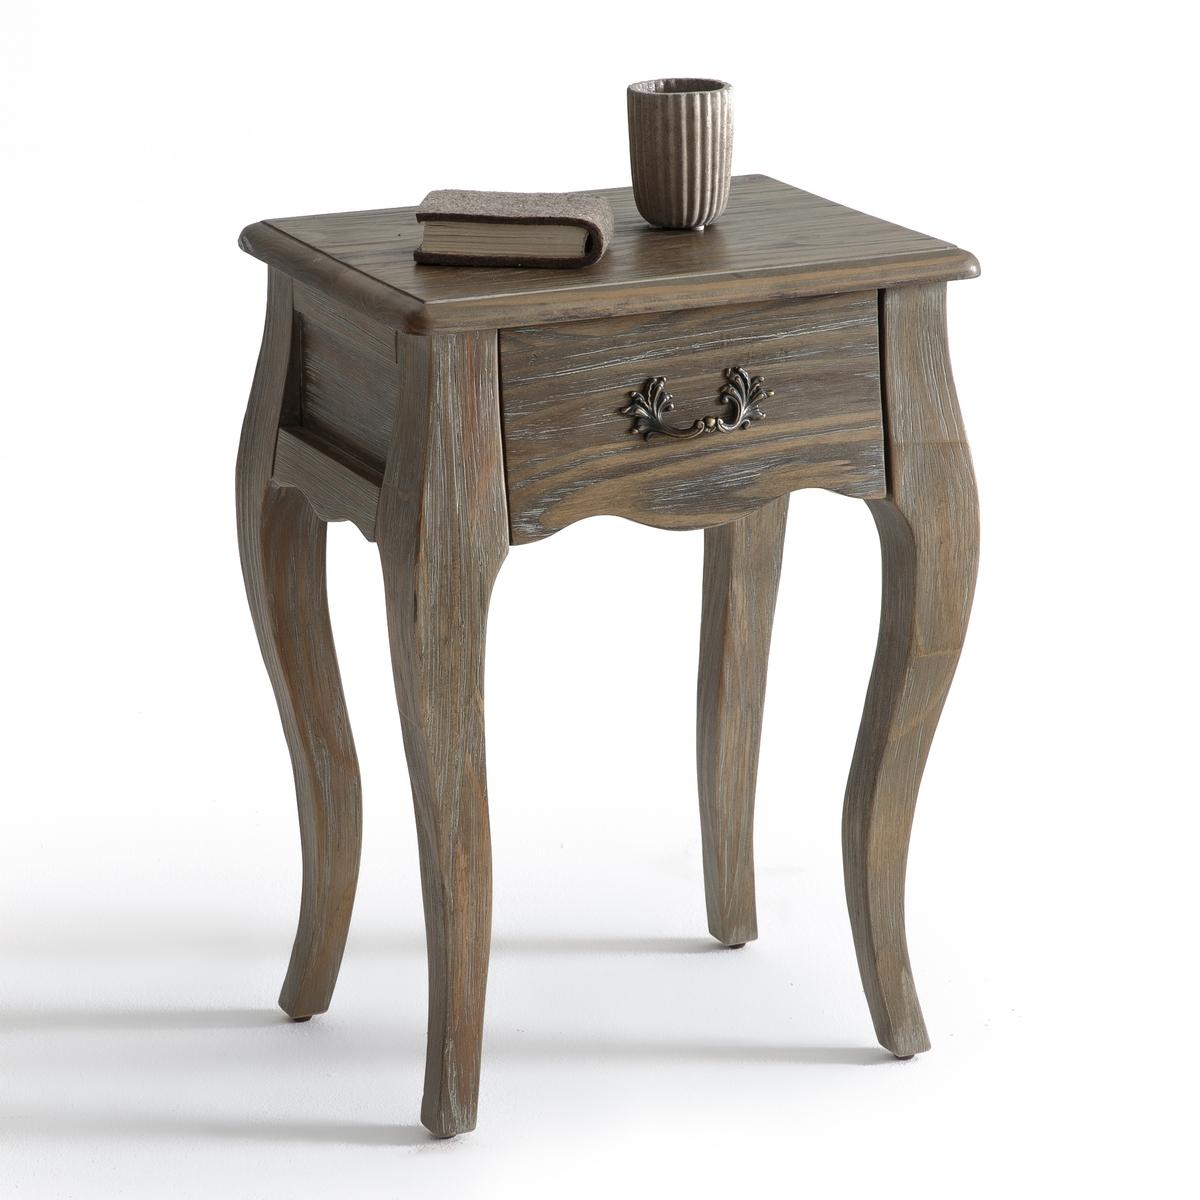 Столик прикроватный с 1 ящиком JANELПрикроватный столик с 1 ящиком, Janel. Столик с красивыми изгибами и патинированной отделкой добавит нотку утонченности в интерьер Вашей спальни.Описание прикроватного столика с 1 ящиком, Janel :1  ящикХарактеристики прикроватного столика с 1 ящиком Janel :Массив сосны Патинированная отделка, лаковое нитроцеллюлозное покрытиеМеталлическая ручкаДоставка в собранном видеВсю коллекцию Janel Вы найдете на laredoute.ruРазмеры прикроватного столика с 1 ящиком, Janel : Общие :Ширина : 40 смВысота : 55 смГлубина : 30 смВнутренние размеры ящика :Ш.23 x В.6 x Г.19 смРазмеры и вес упаковки :1 упаковкаШ.64 x В.47 x Г.37 см, 6,5 кгДоставка :Прикроватный столик Janel поставляется в собранном виде. Доставка будет осуществлена до вашей квартиры по предварительной договоренности !Внимание ! Убедитесь, что посылку возможно доставить на дом, учитывая ее габариты<br><br>Цвет: дерево,черный